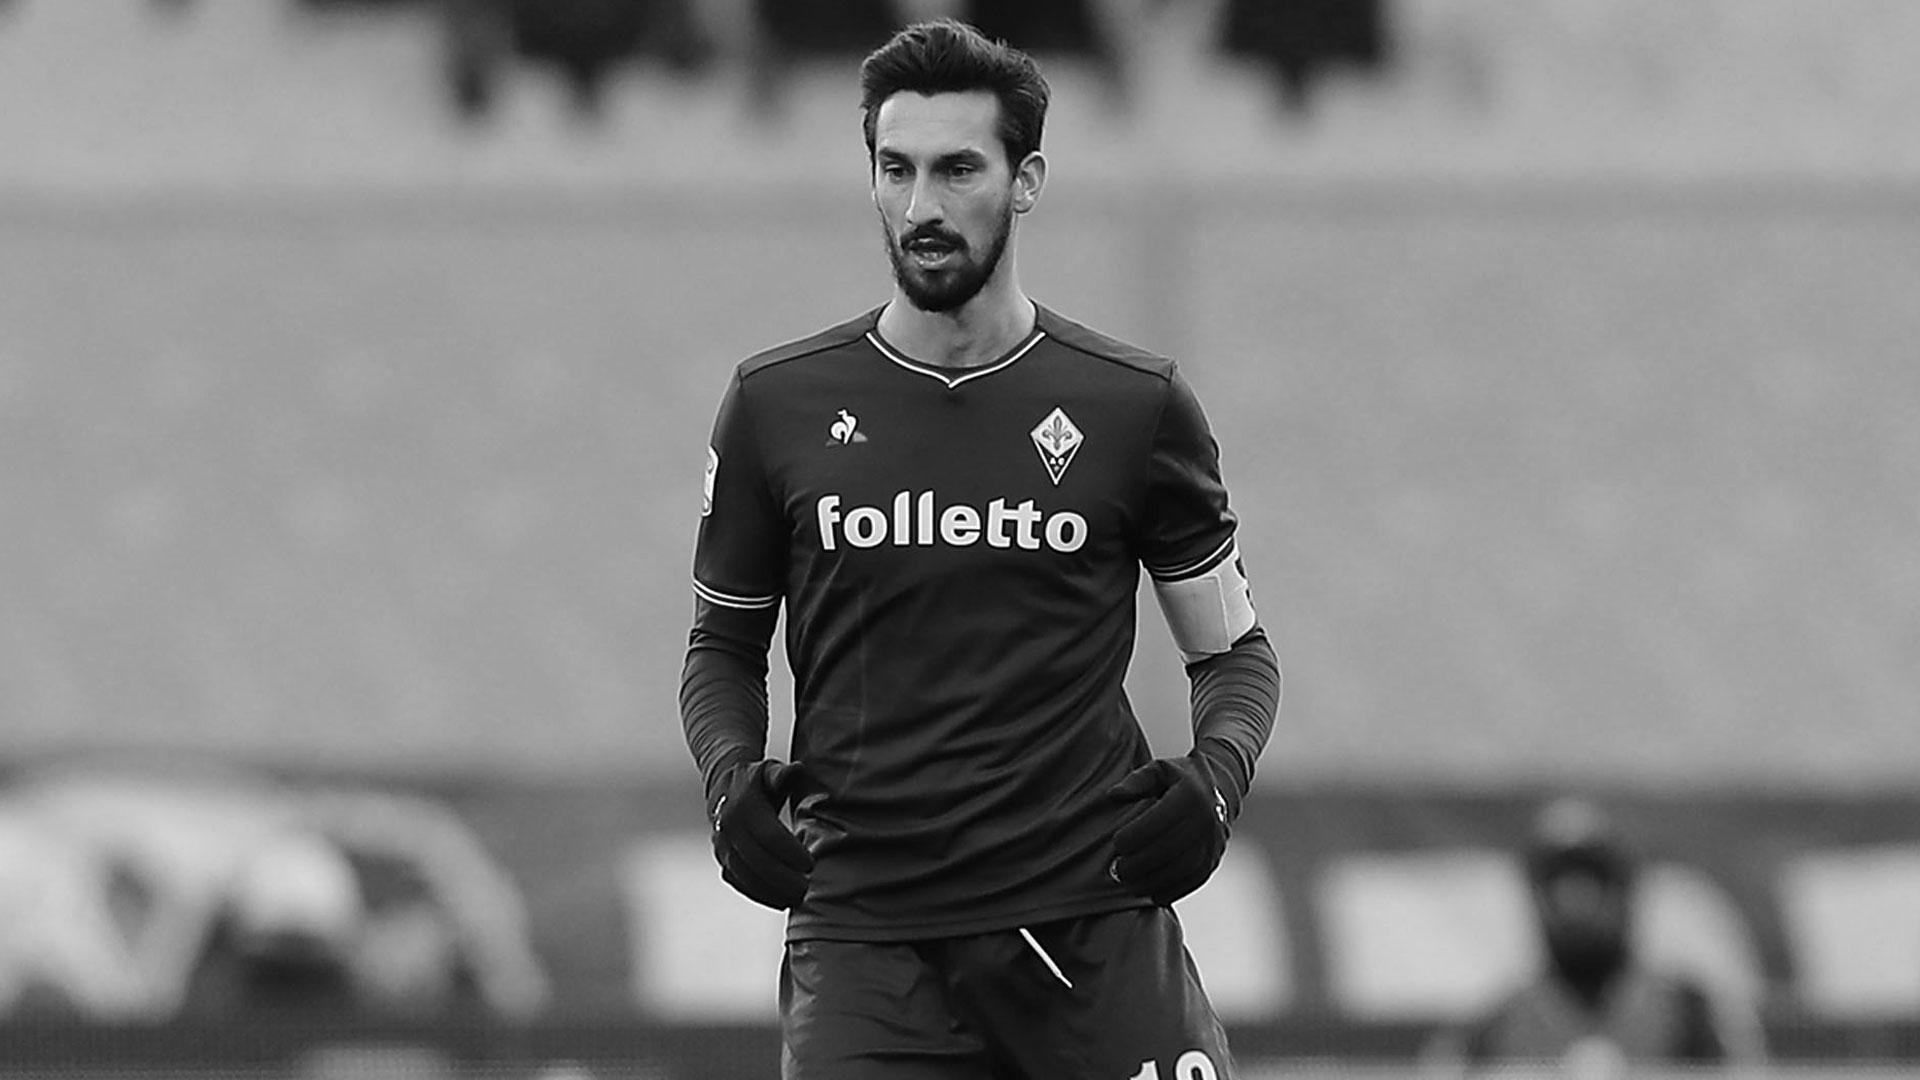 31-jähriger Kapitän des AC Florenz überraschend gestorben